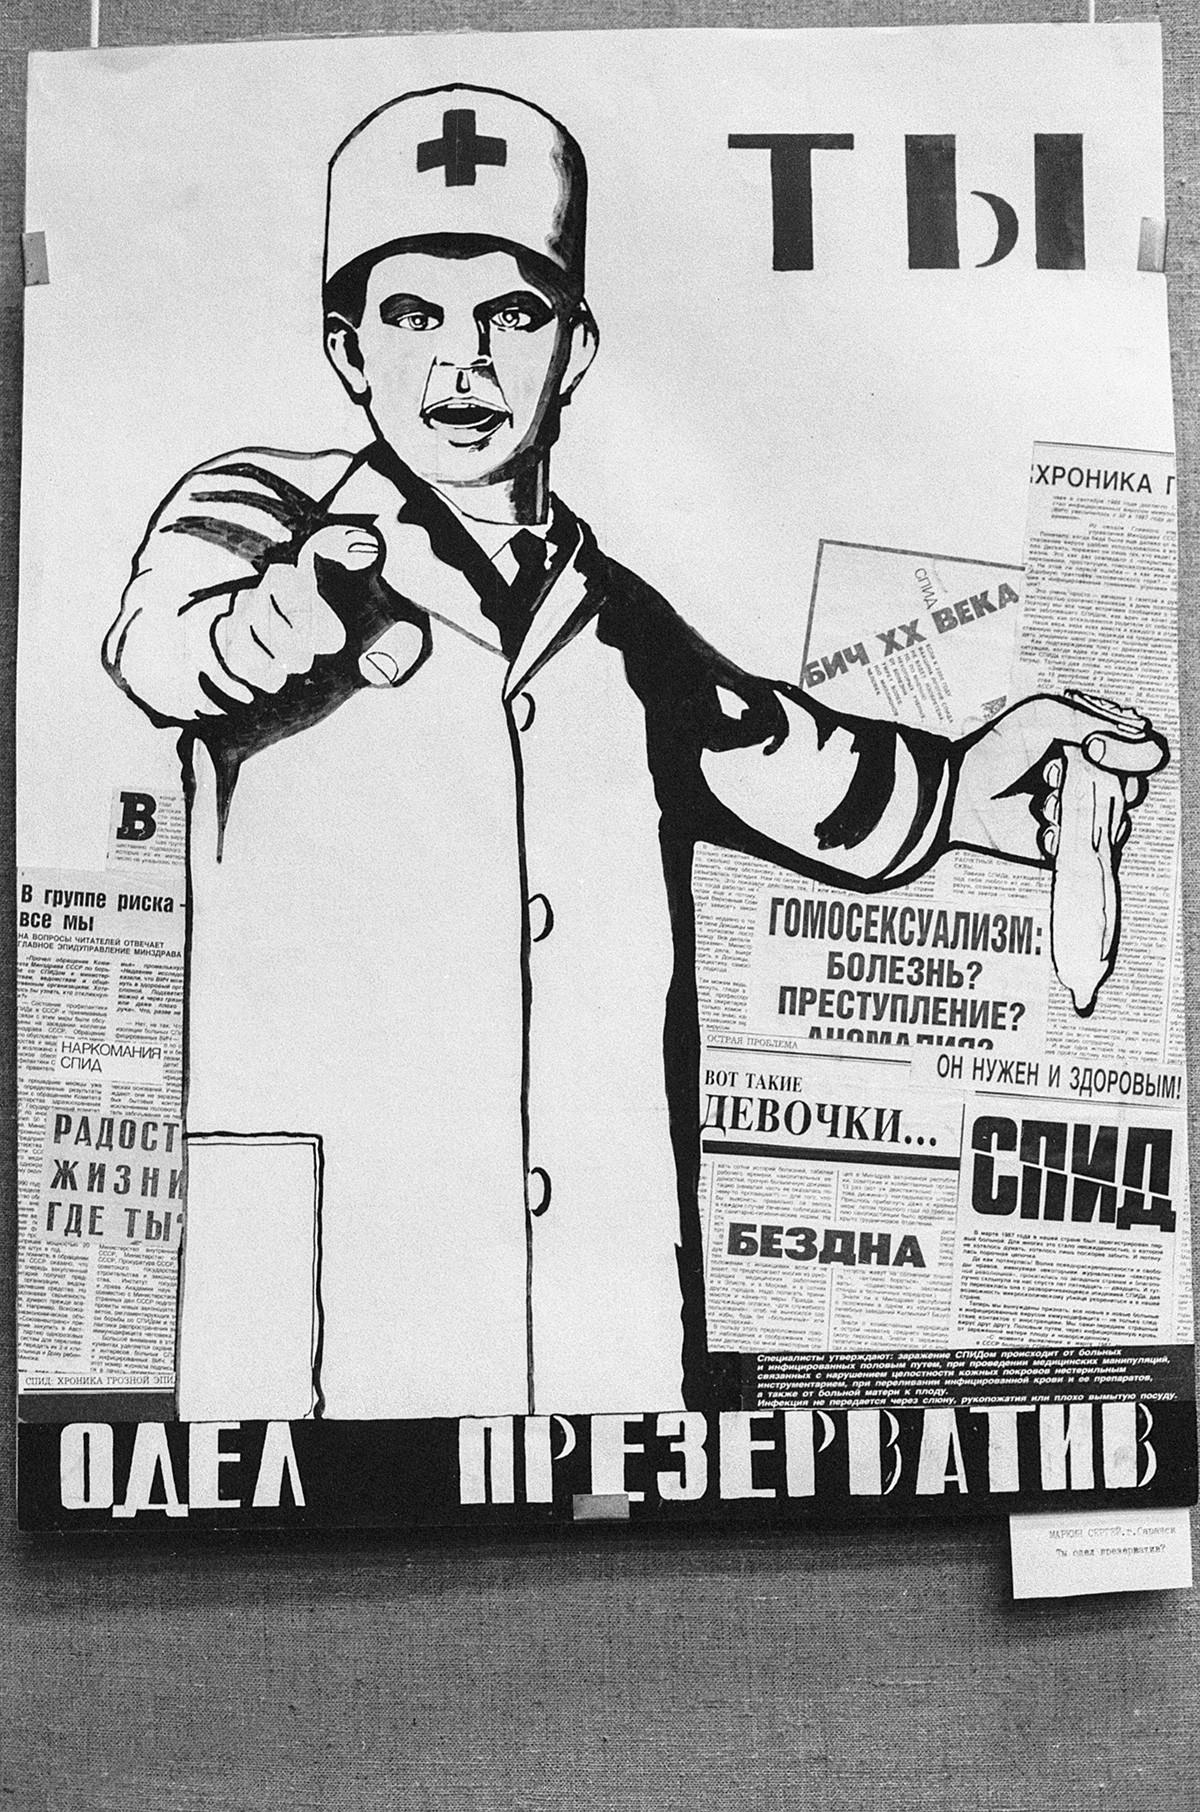 Plakat za spodbujanje uporabe kondomov umetnika S. Markina, Moskva 1991